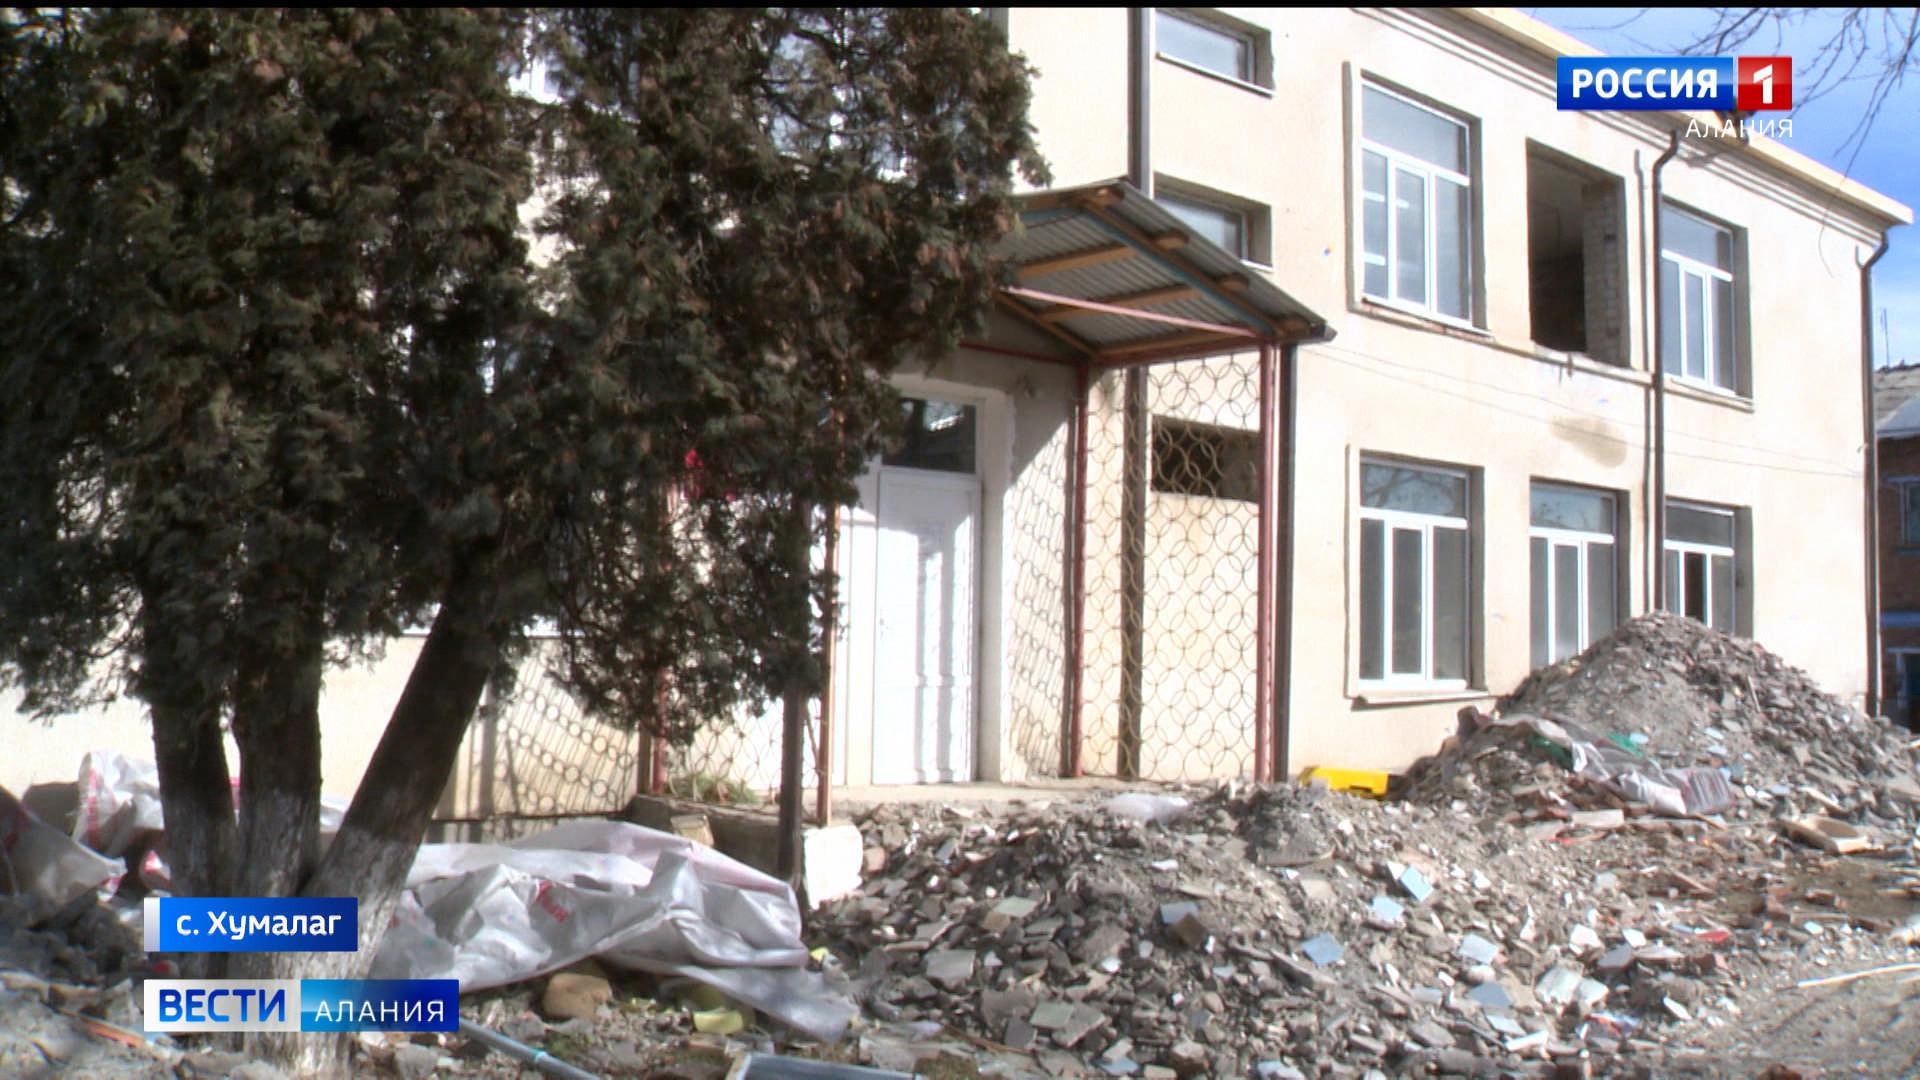 В единственном детском саду Хумалага начался долгожданный ремонт